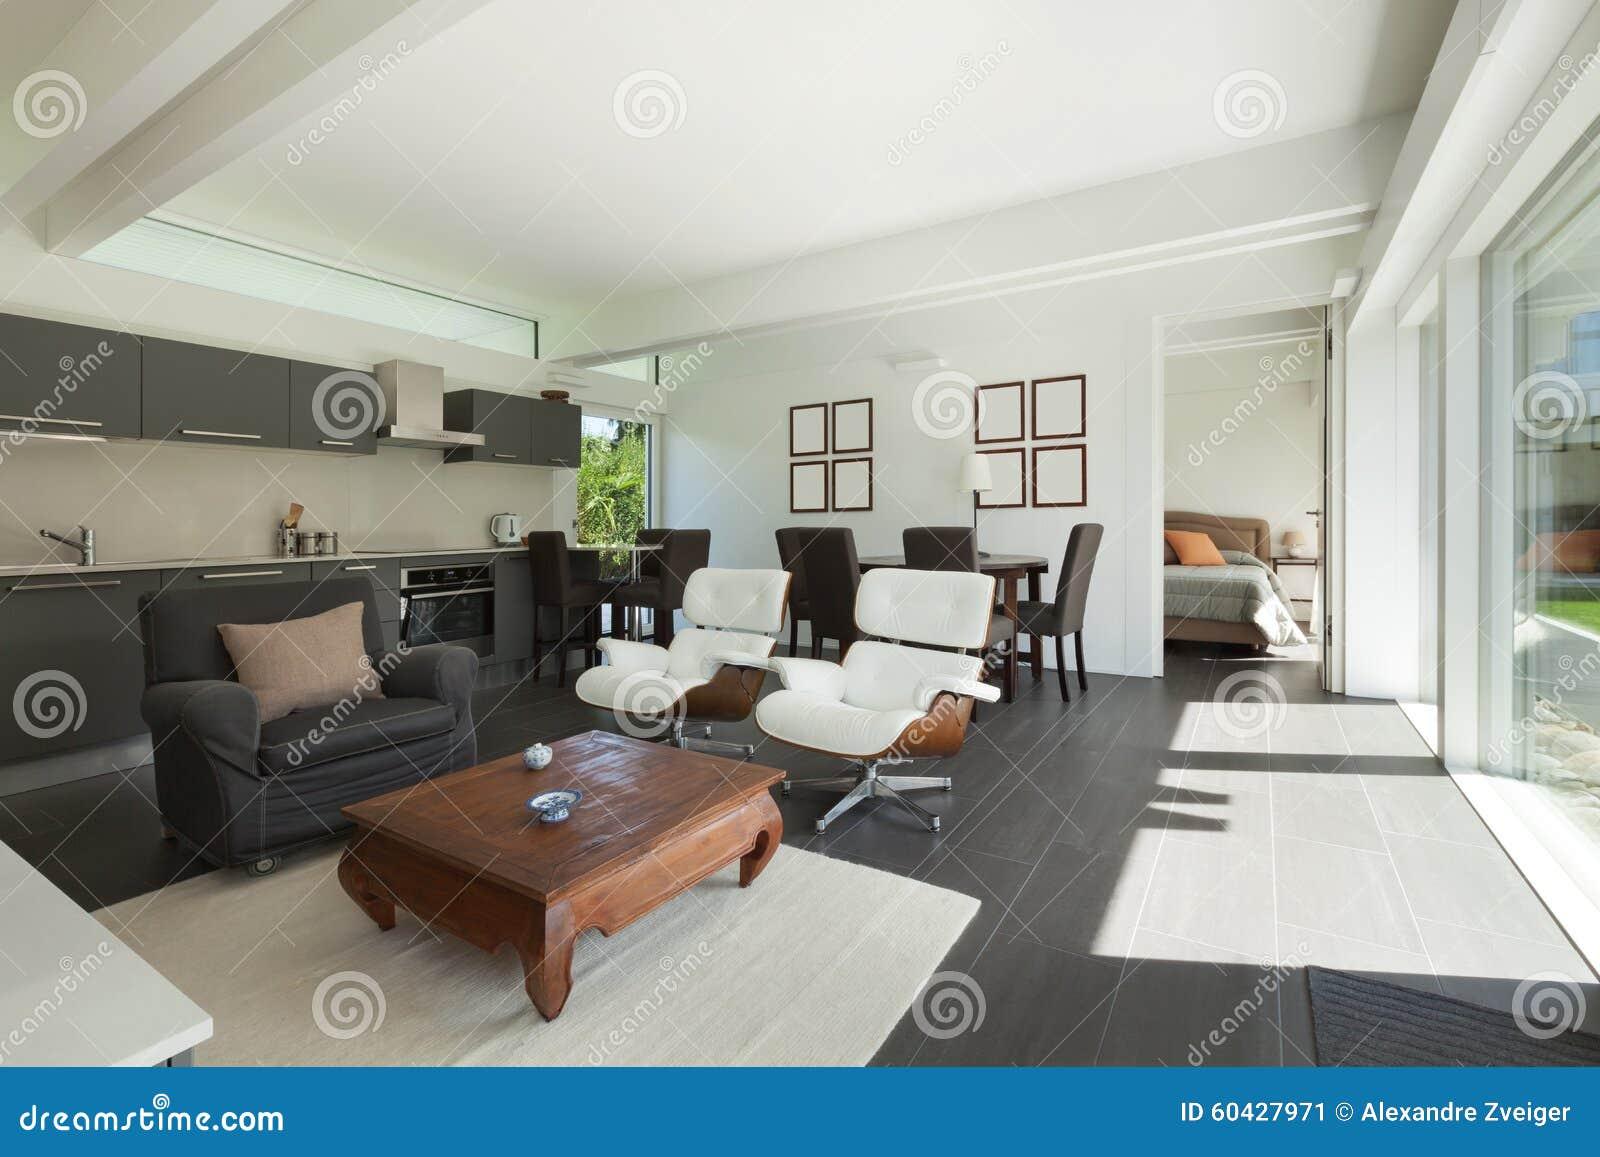 Salon moderne meublé